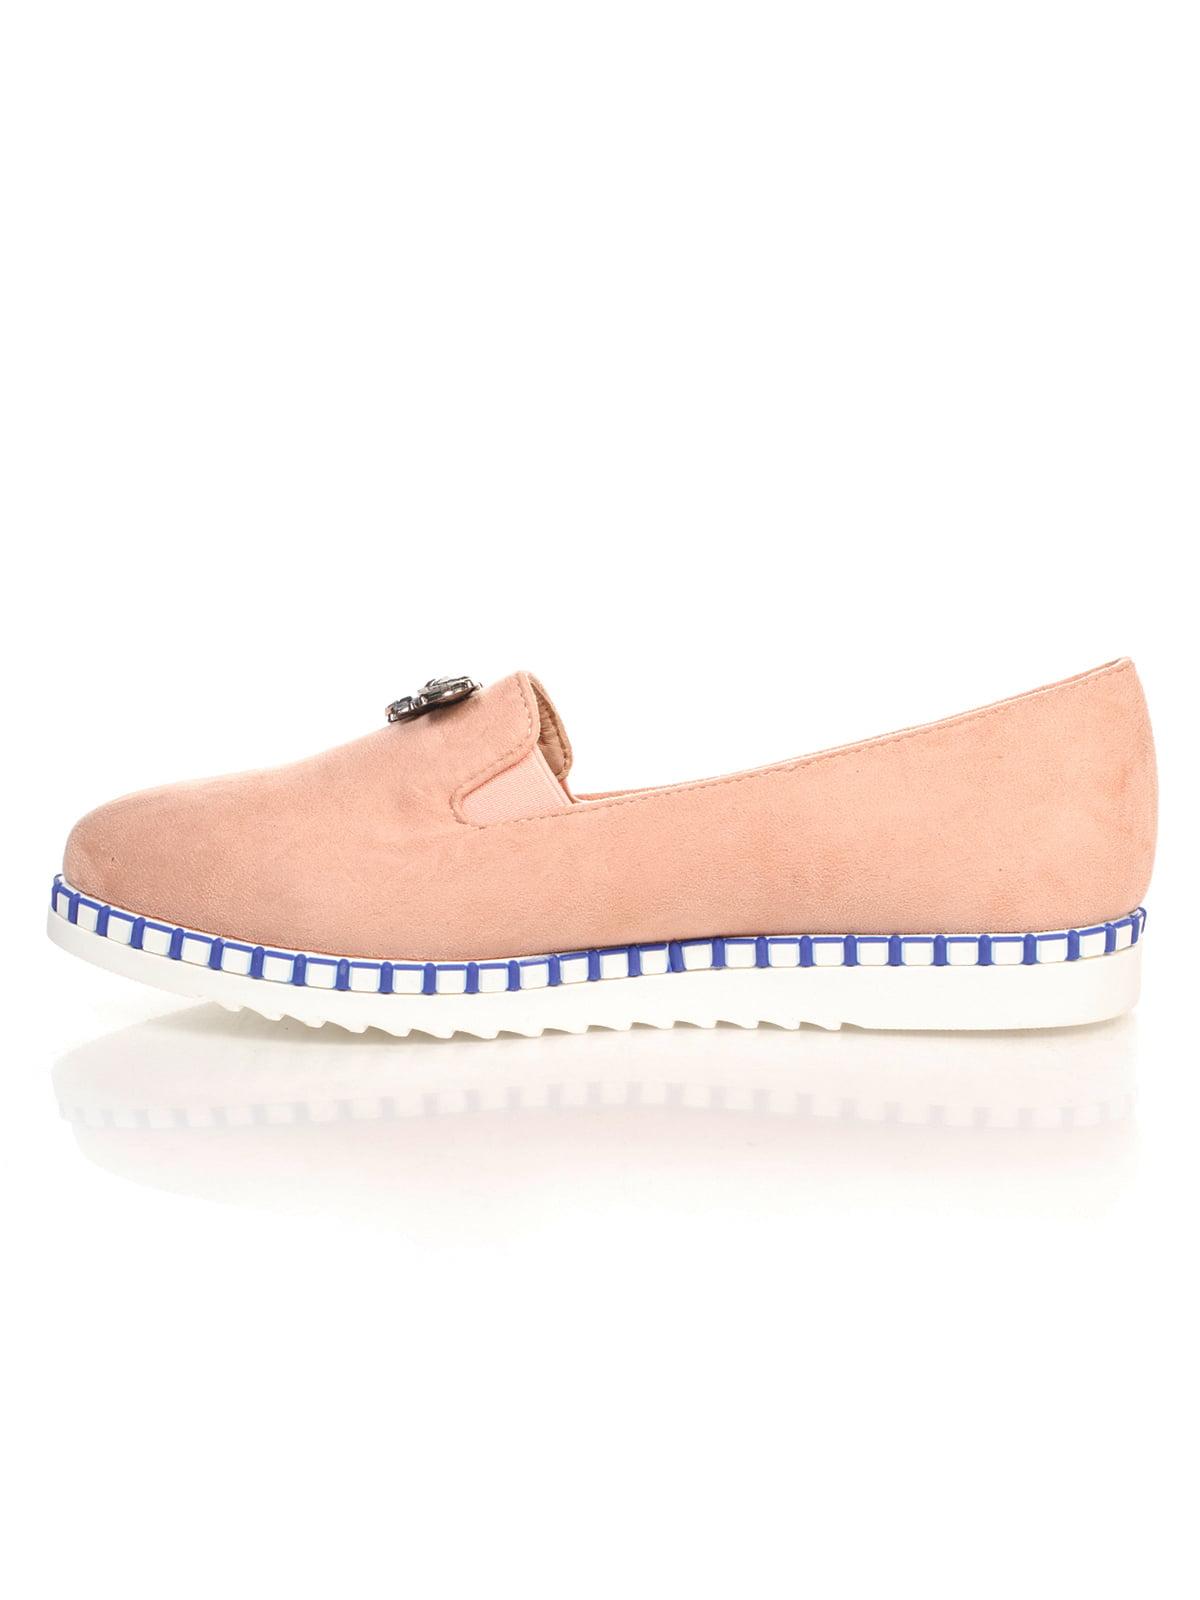 Туфли розовые с декором | 4605862 | фото 2